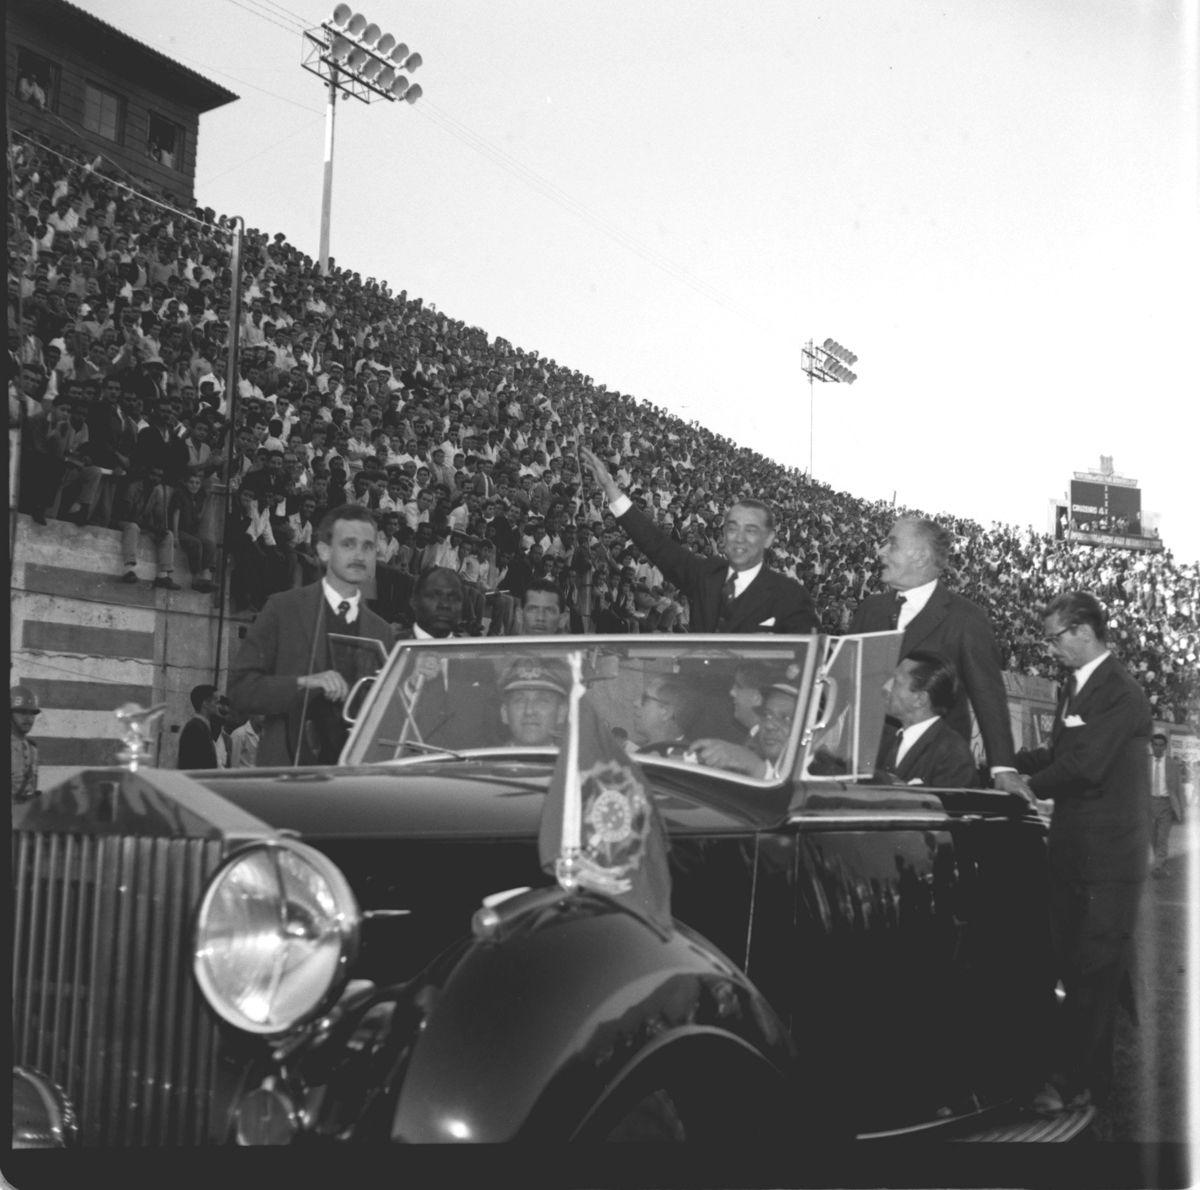 03.07.1960 - Arquivo O Globo - CA - Juscelino Kubitschek no Est‡dio Independncia, em Belo Horizonte, Minas Gerais. Negativo 3816